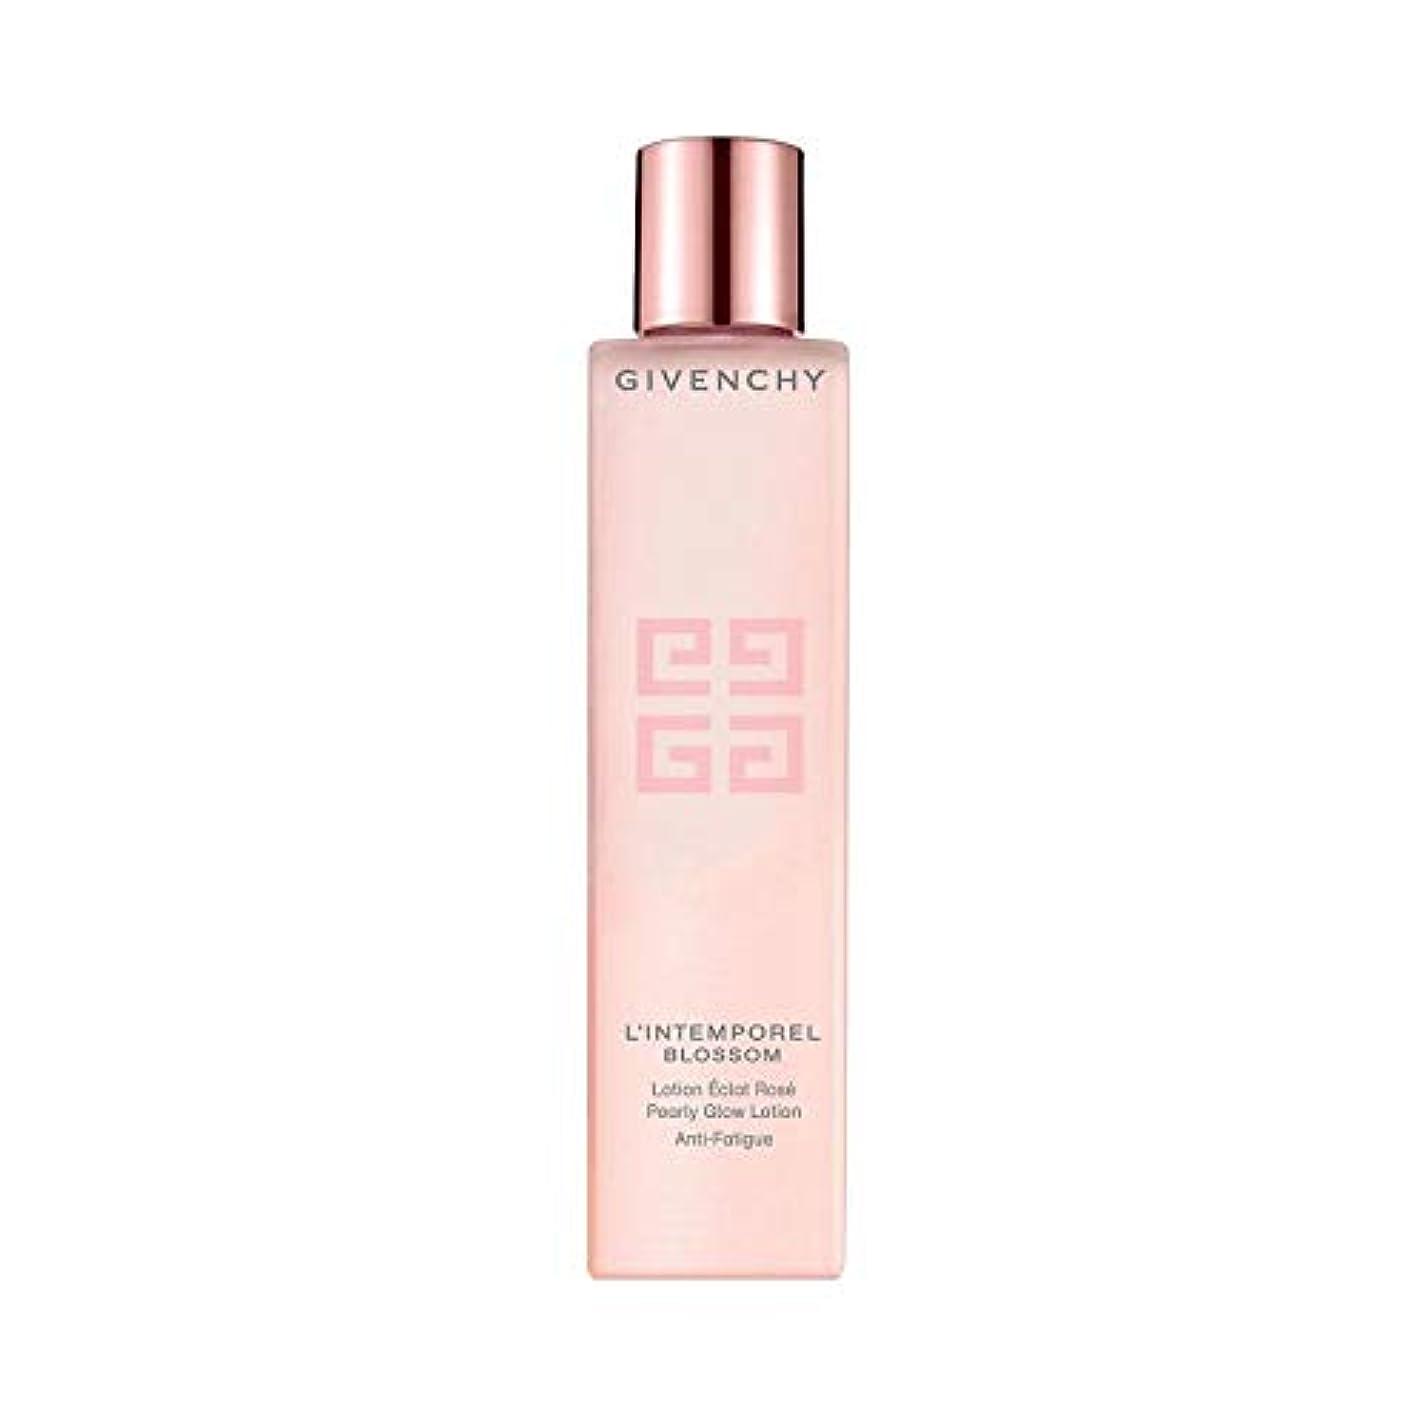 トリム納屋勢いジバンシィ L'Intemporel Blossom Pearly Glow Lotion 200ml/6.7oz並行輸入品